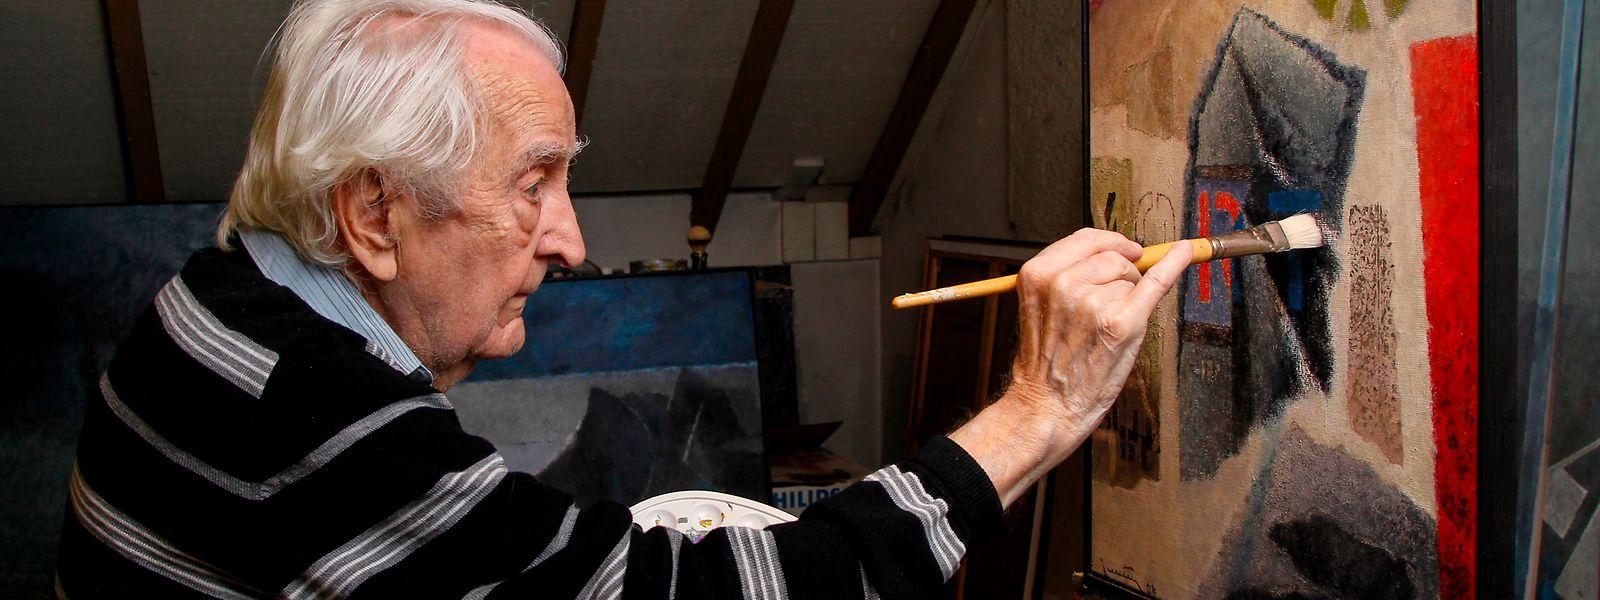 Auch mit 90 Jahren griff Jean-Pierre Junius noch regelmäßig zum Pinsel - erst 2013 legte er ihn definitiv aus der Hand.